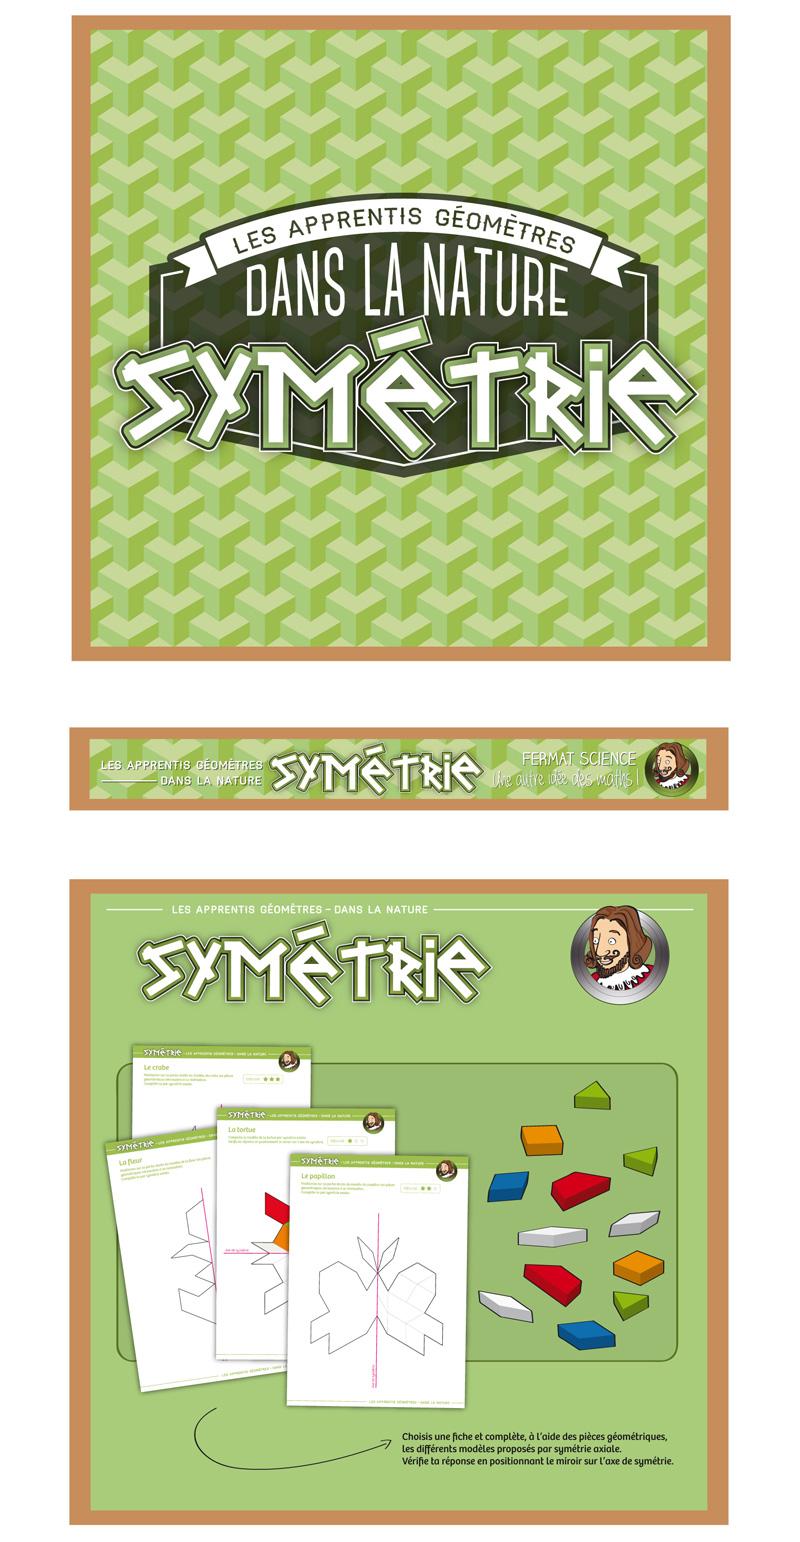 Visuel de la boîte du jeu symétrie, Les apprentis Géomètres.